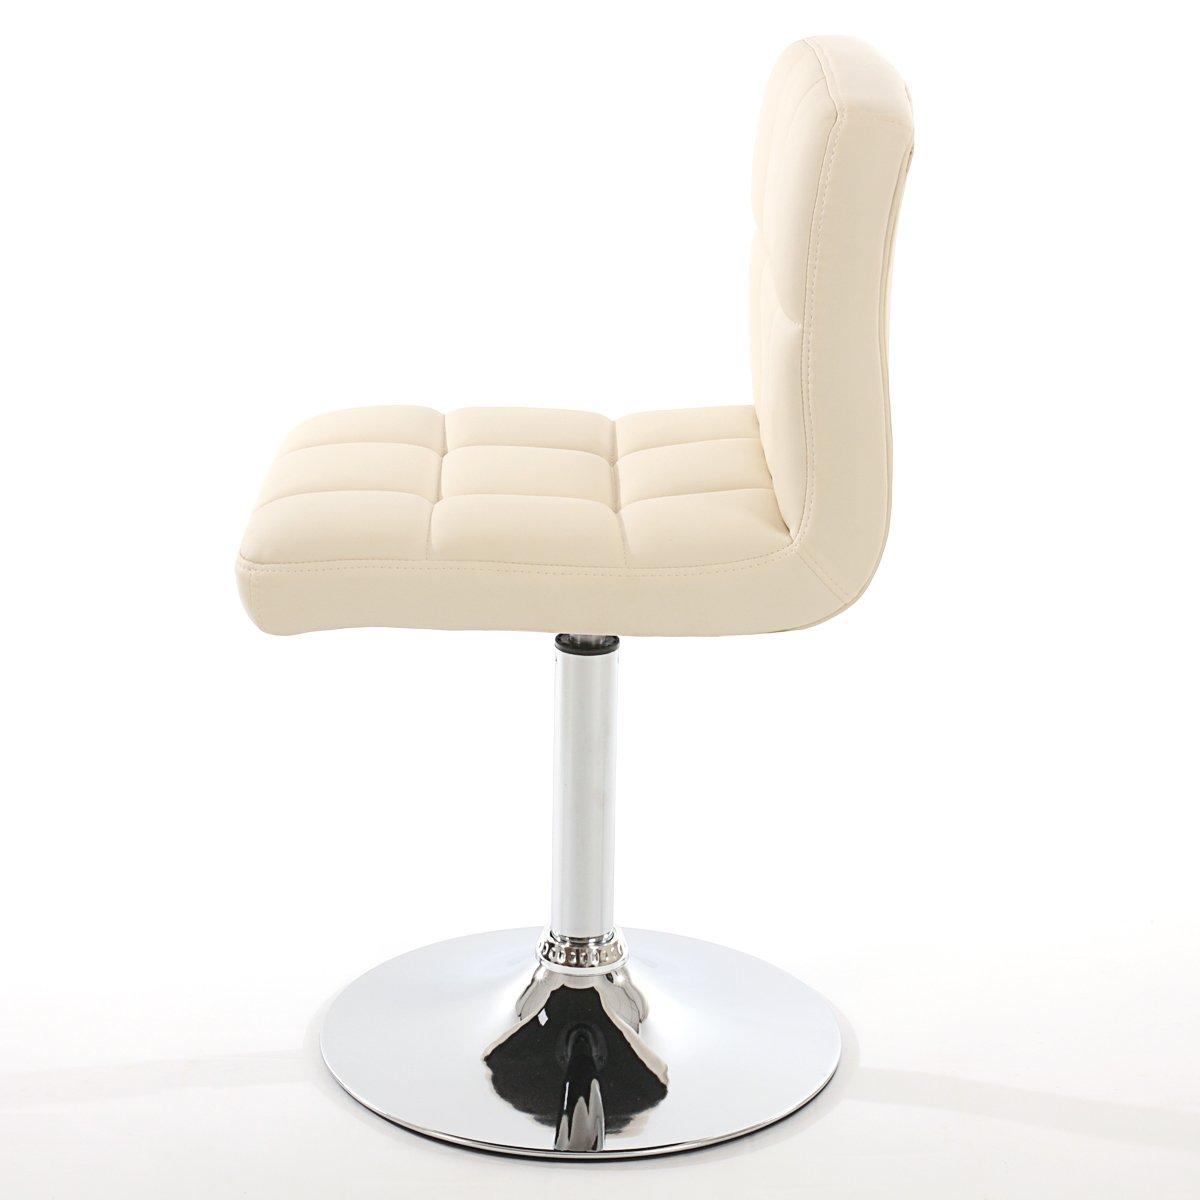 Conjunto de 6 sillas de cocina genova giratorias crema for Sillas comodas para cocina